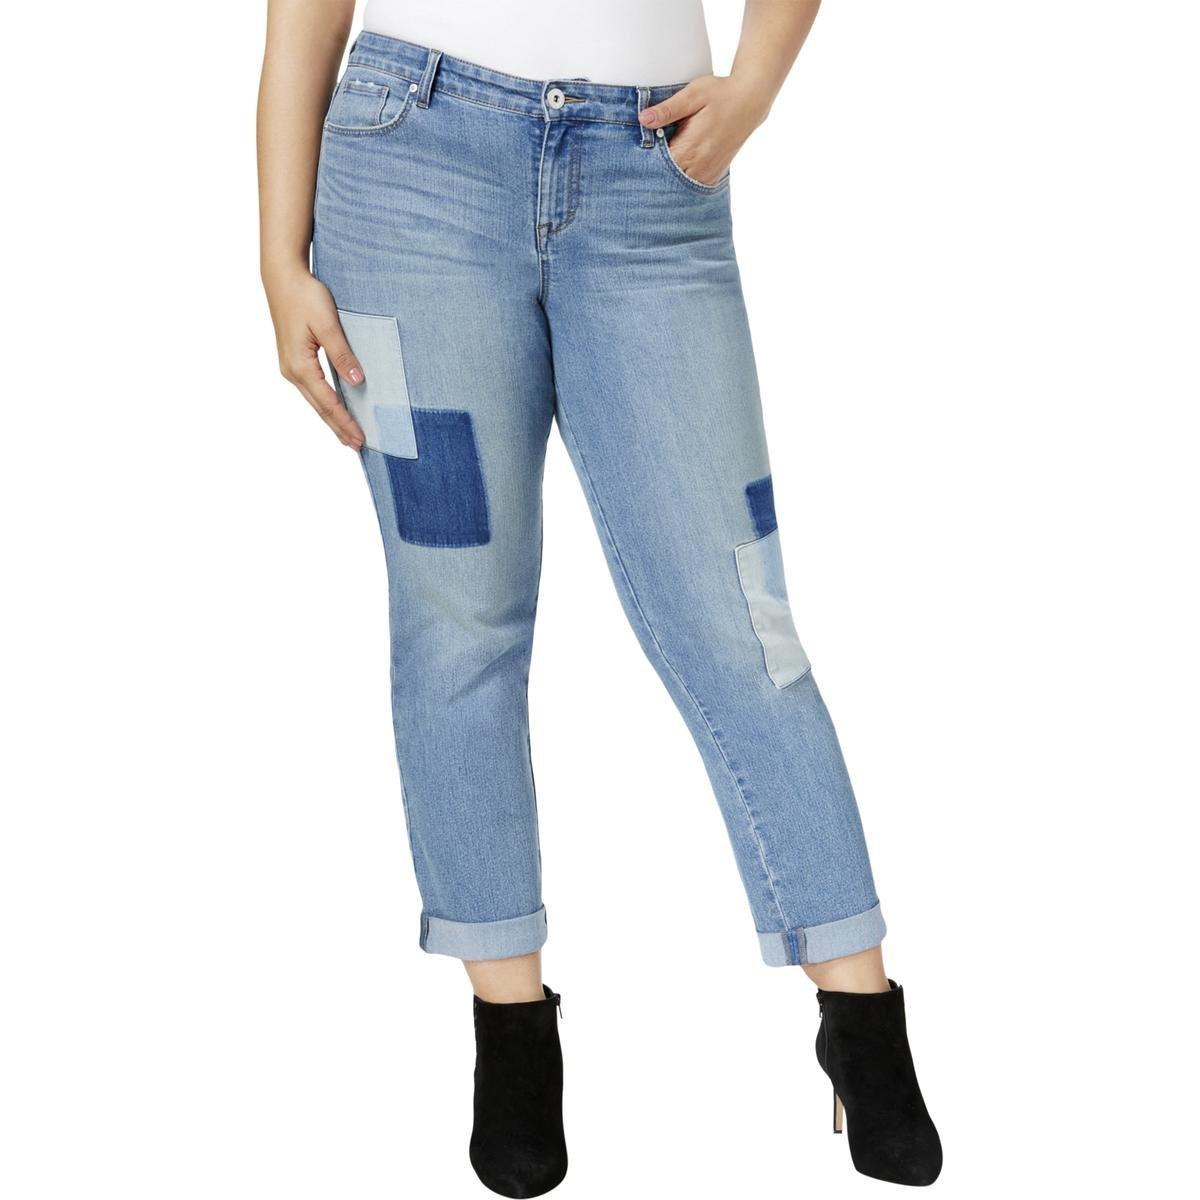 Style & Co. Womens Plus Size Patchwork Curvy Boyfriend Jeans 22W Disco